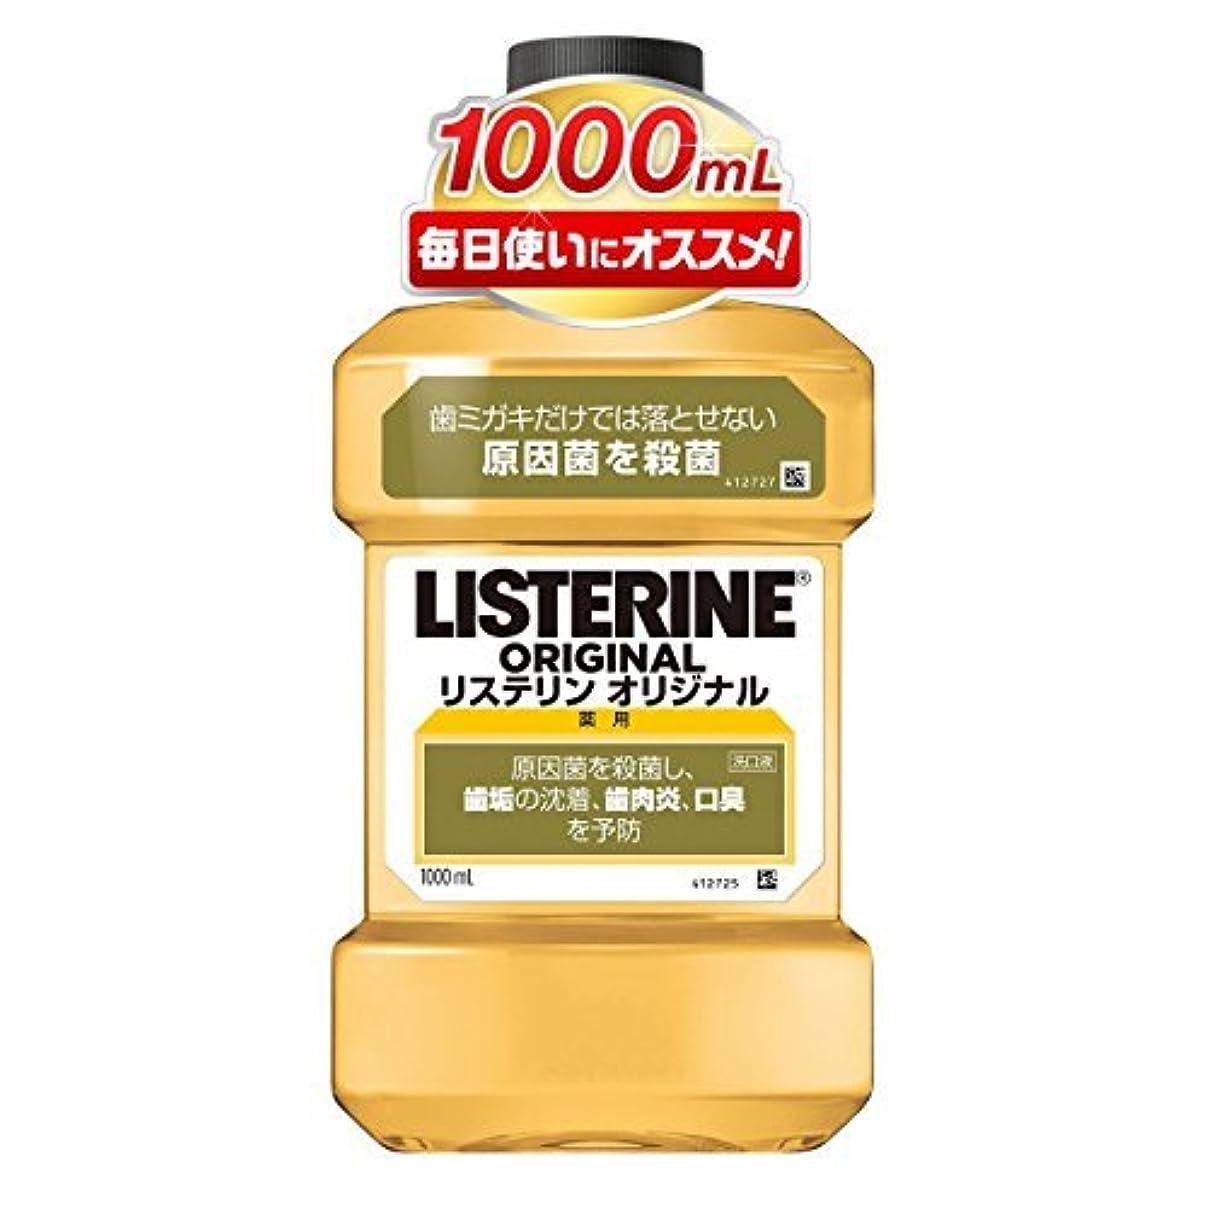 見積り追い出す歌詞薬用リステリン オリジナル 1000ml ×6個セット